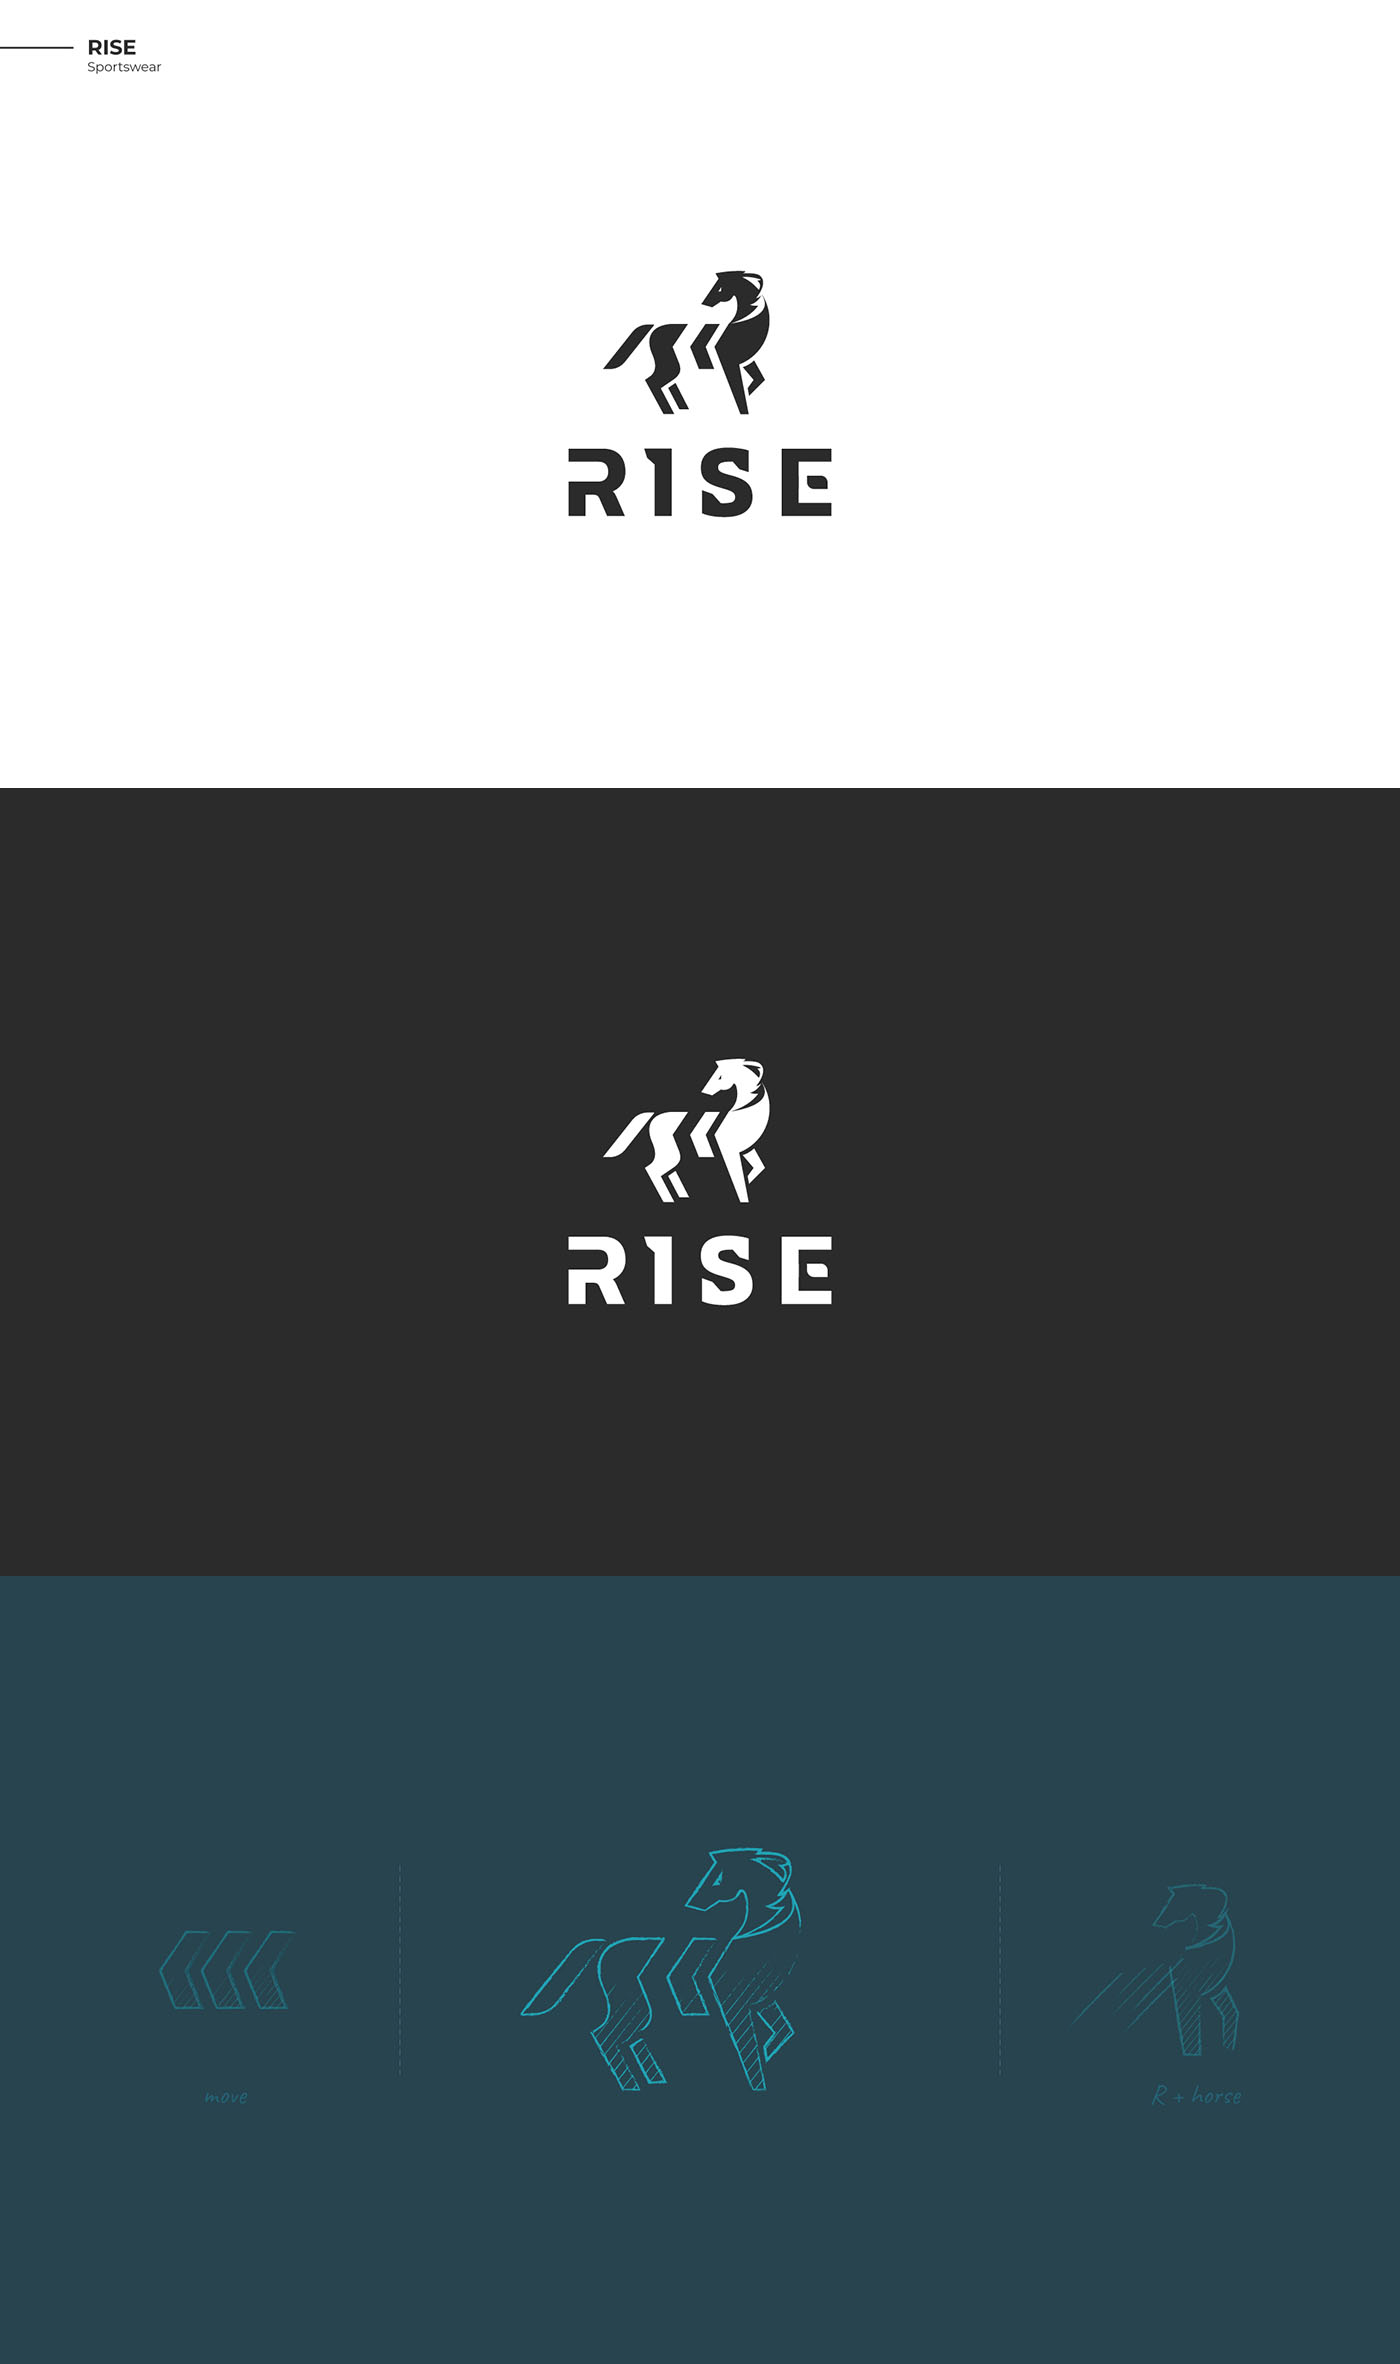 Fashion logo - Rise Horse logo & marks